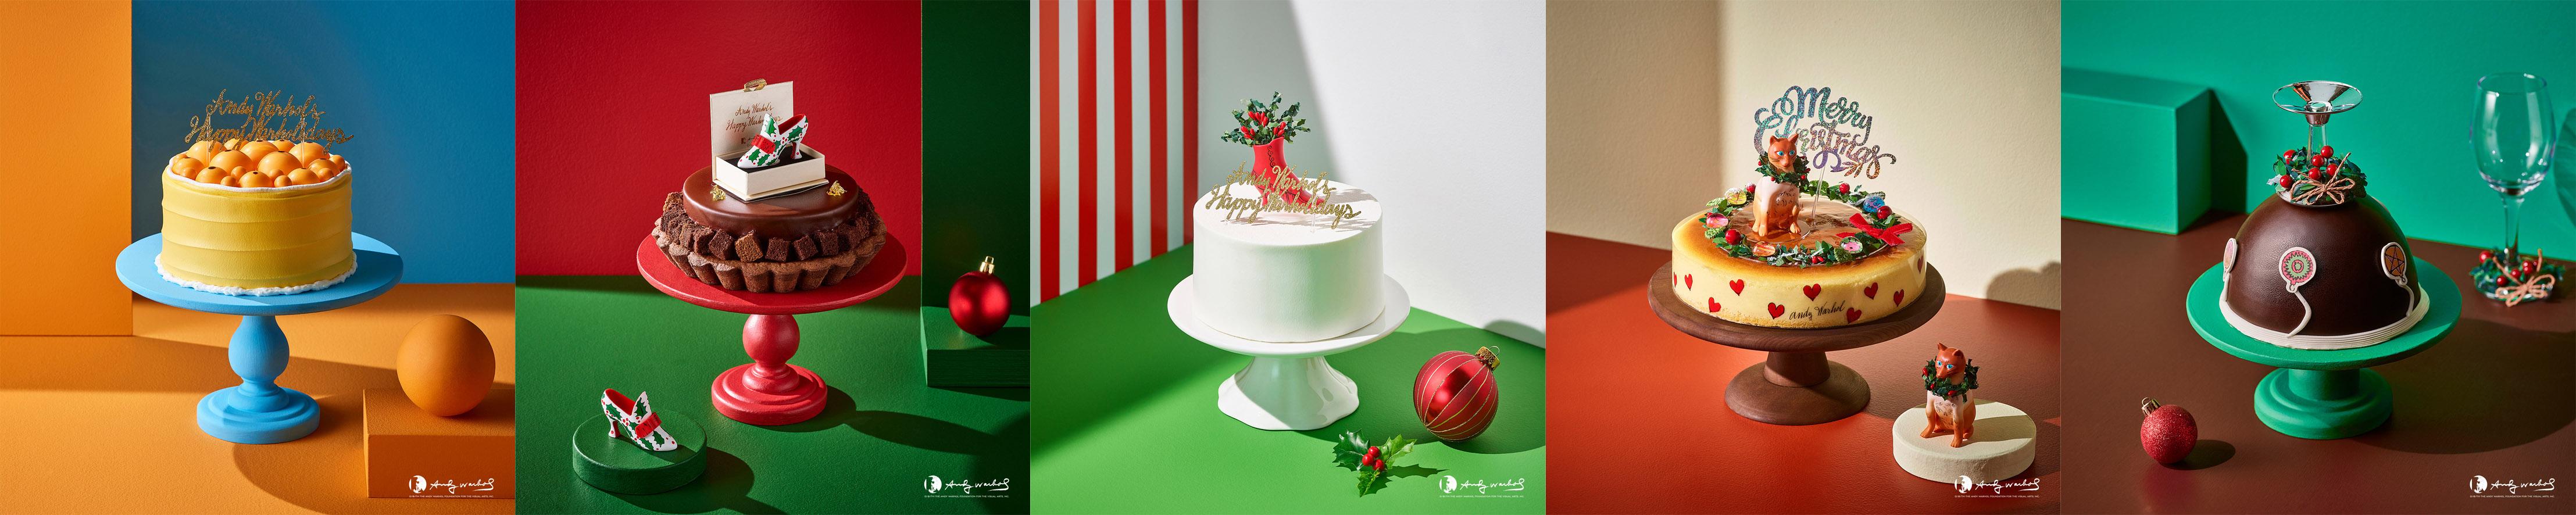 앤디워홀 케이크